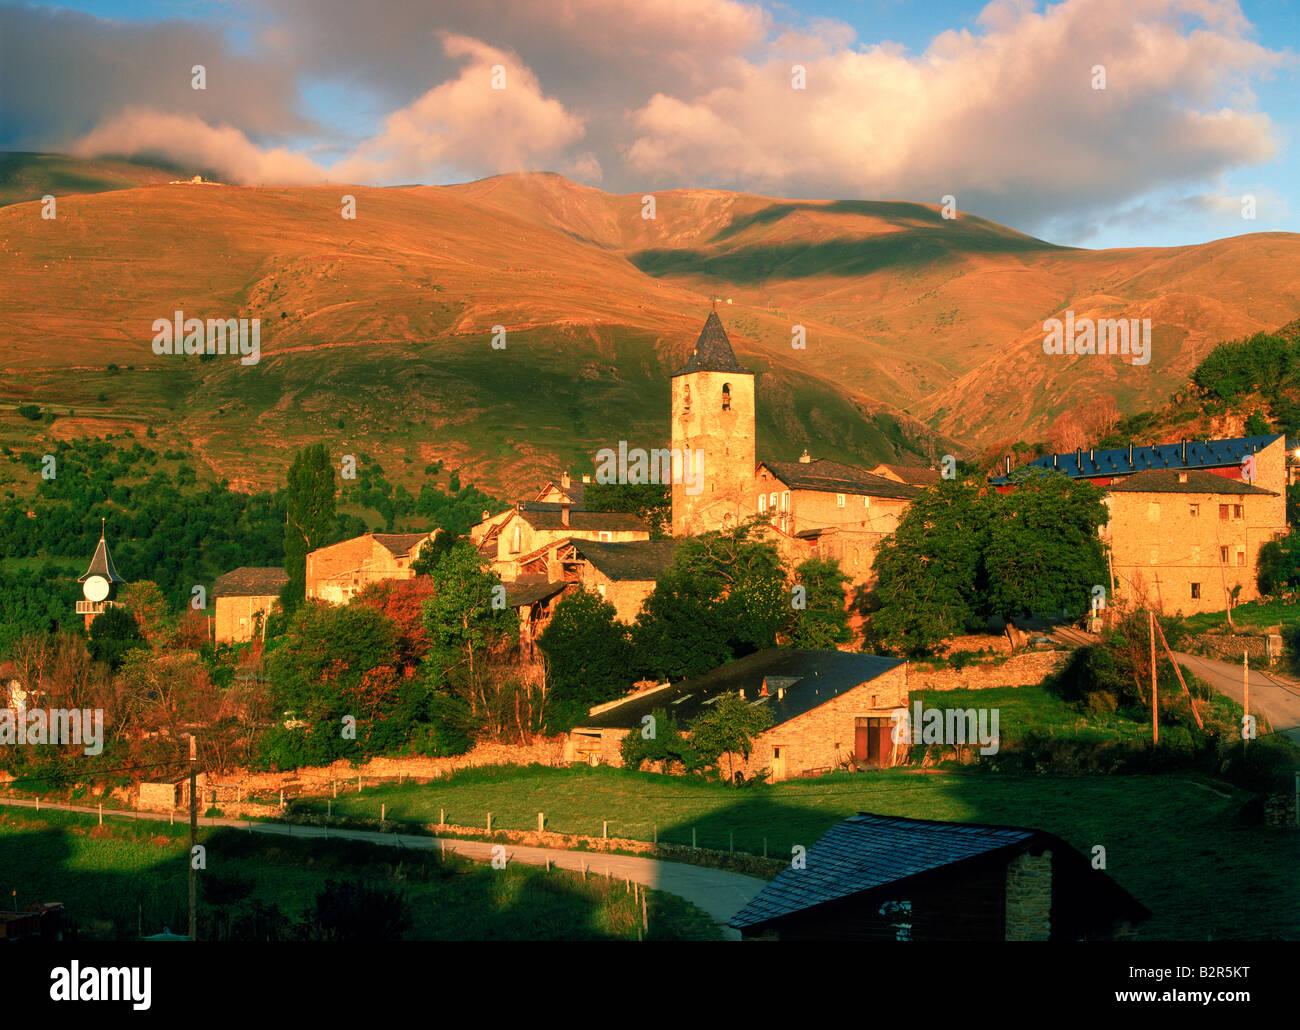 Dorf von Llessui in der Nähe von Art in Lleida Provinz Katalonien Spanien bei Sonnenaufgang Stockbild